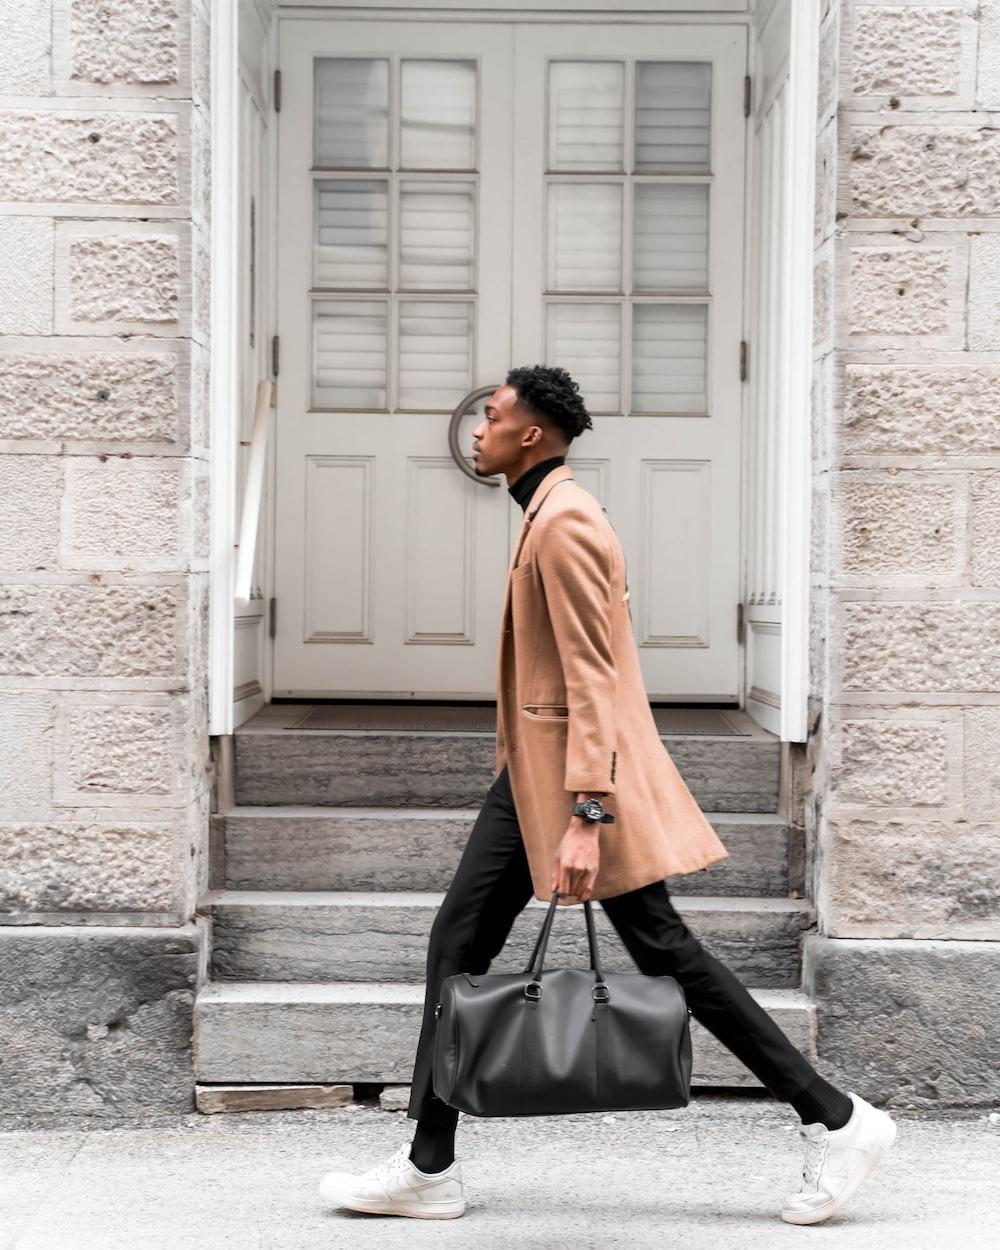 man walking on road while holding bag during daytime